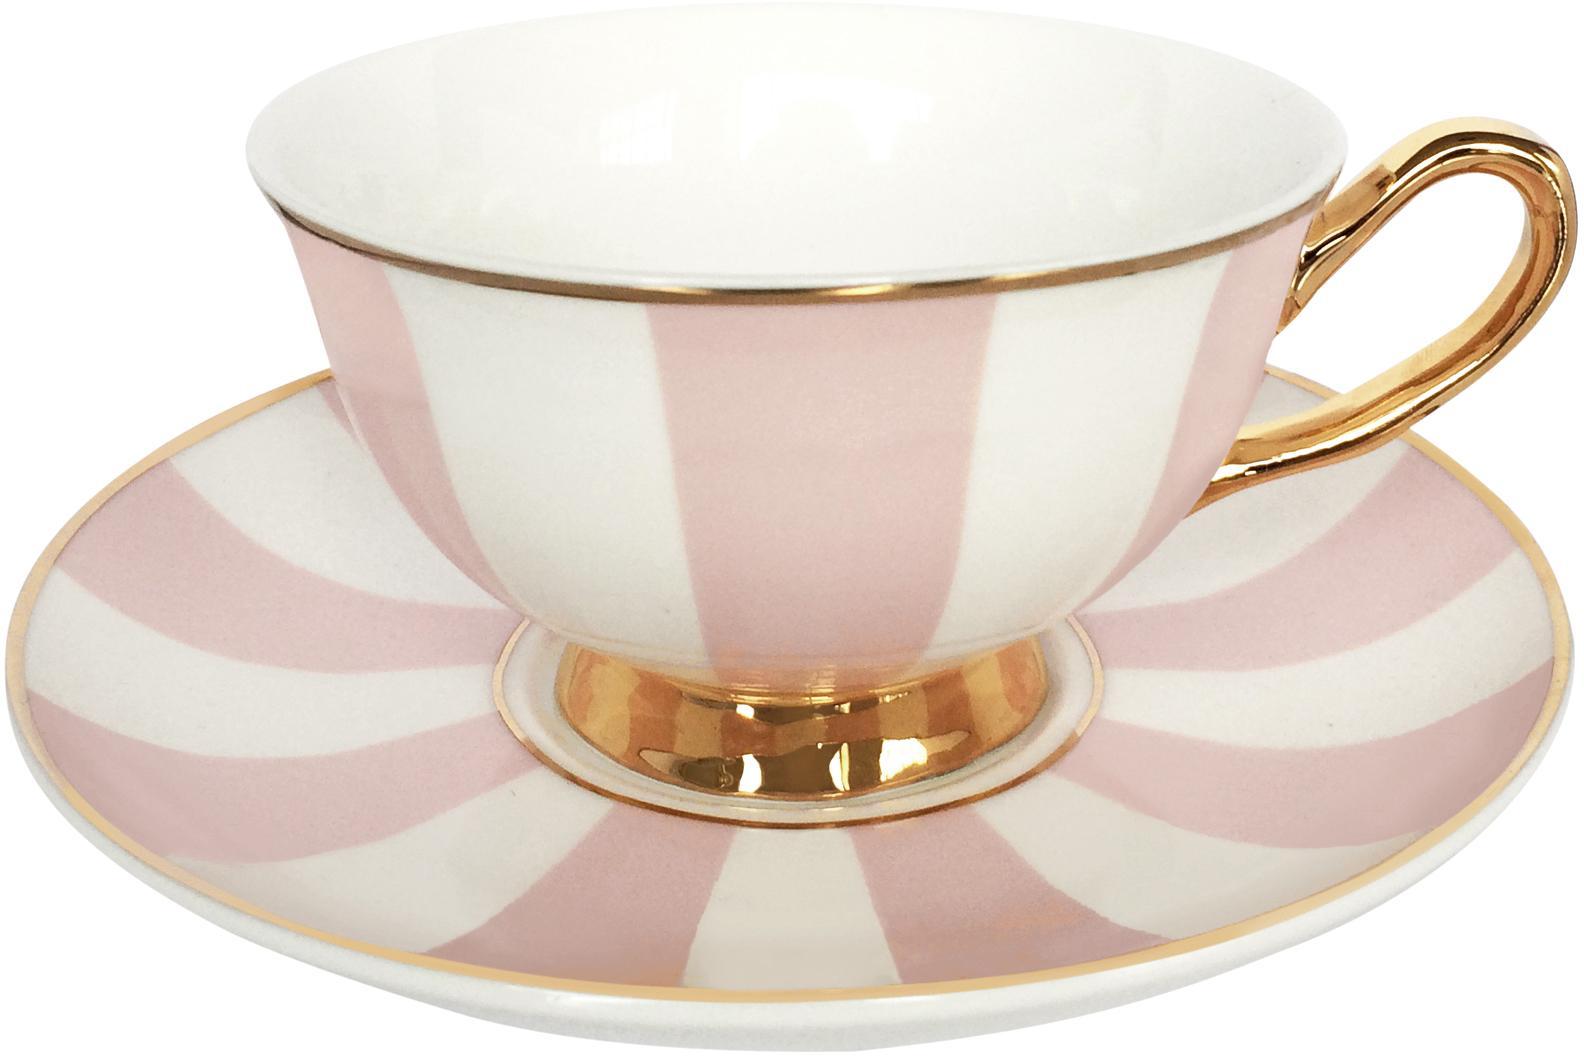 Teetasse mit Untertasse Stripy, Bone China, vergoldet, Rosa, Weiß<br>Rand und Henkel: Gold, Ø 15 x H 6 cm